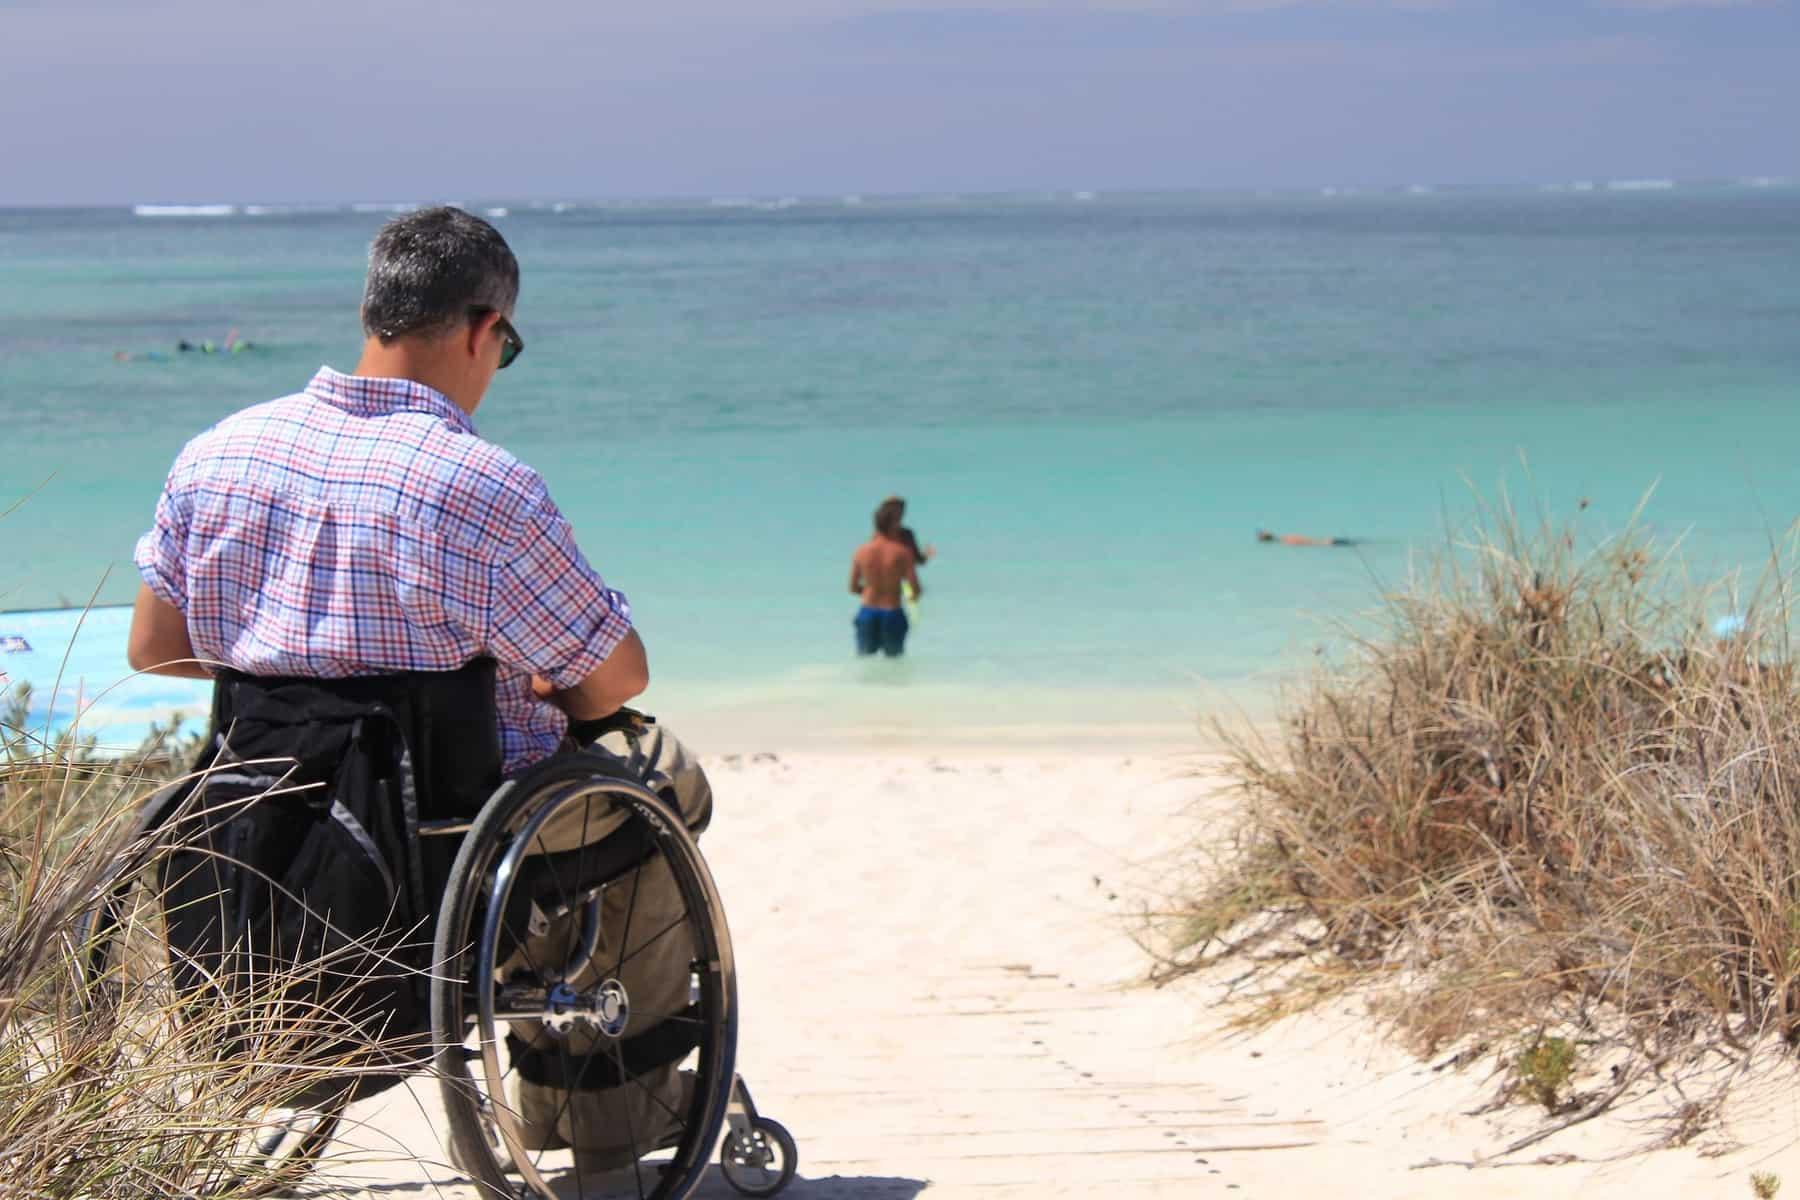 Usuario de silla de ruedas en una playa